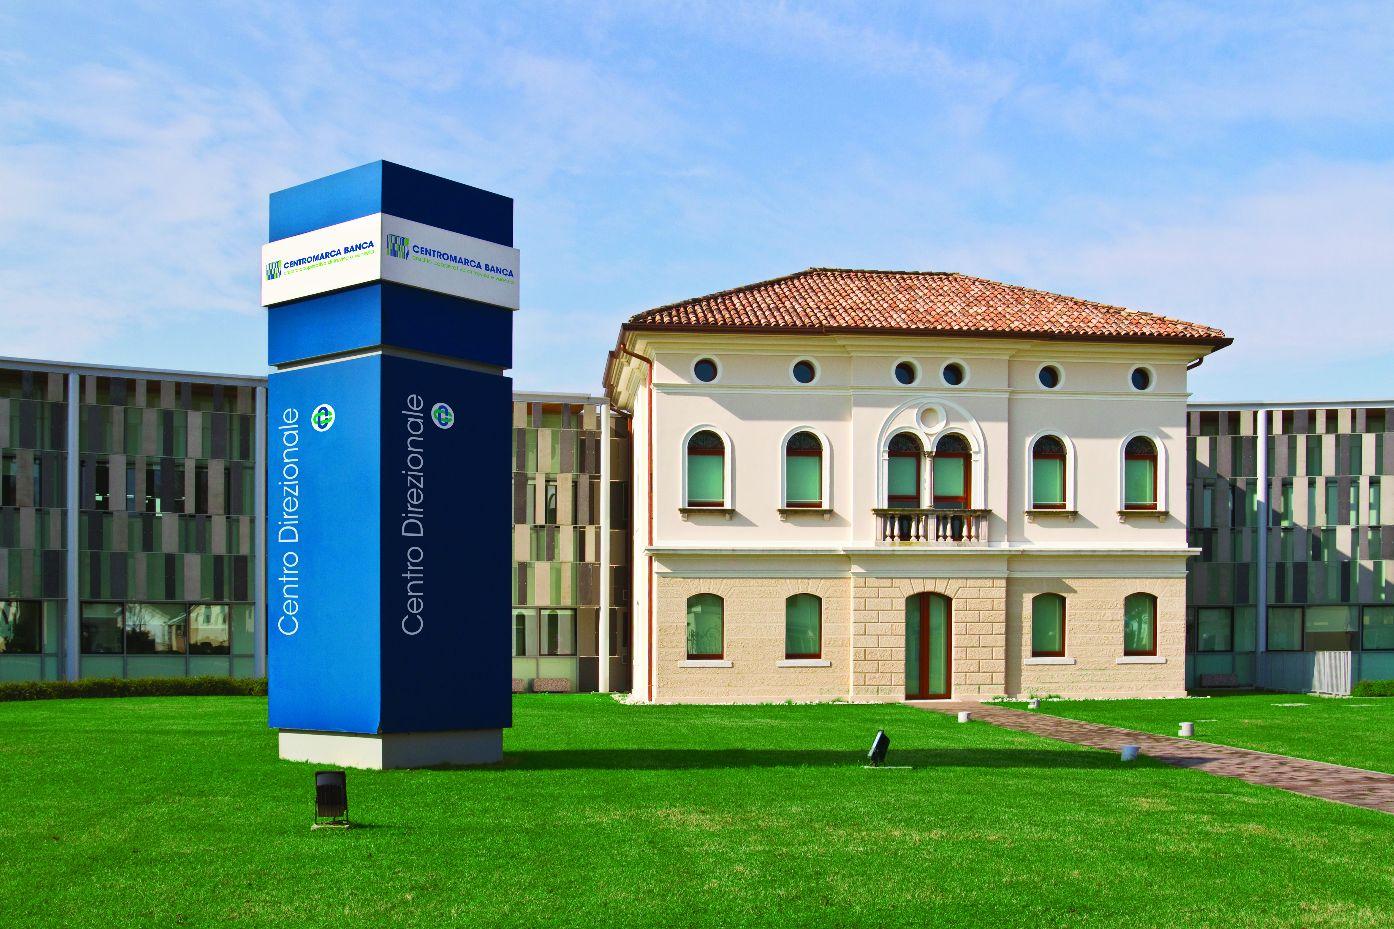 CentroMarca Banca, aumentato del 300% il credito a famiglie e imprese